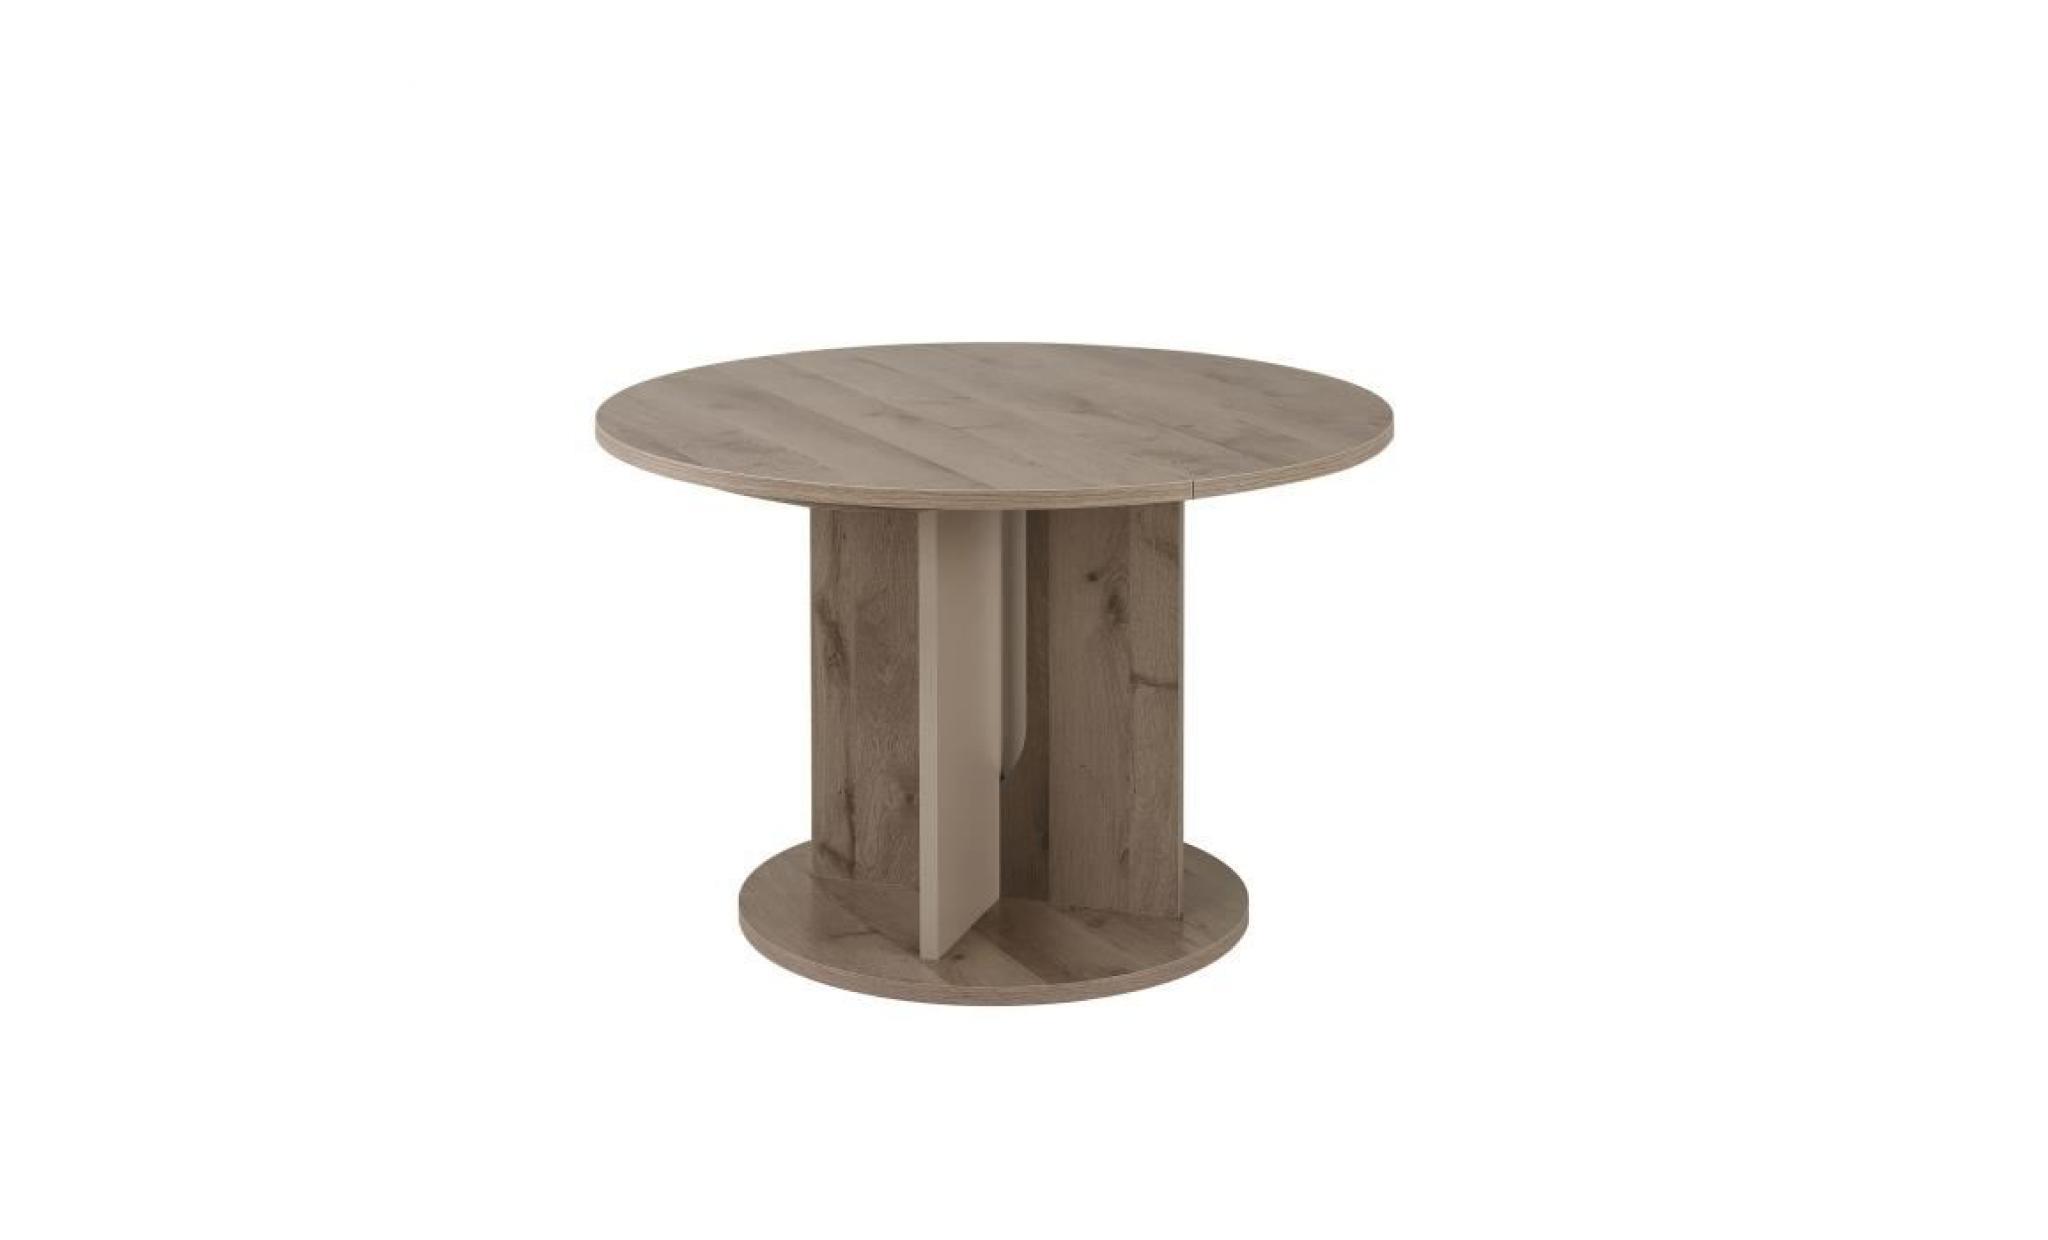 sha table ronde avec allonge decor chene cendre l 113 achat vente table salle a manger pas cher couleur et design fr